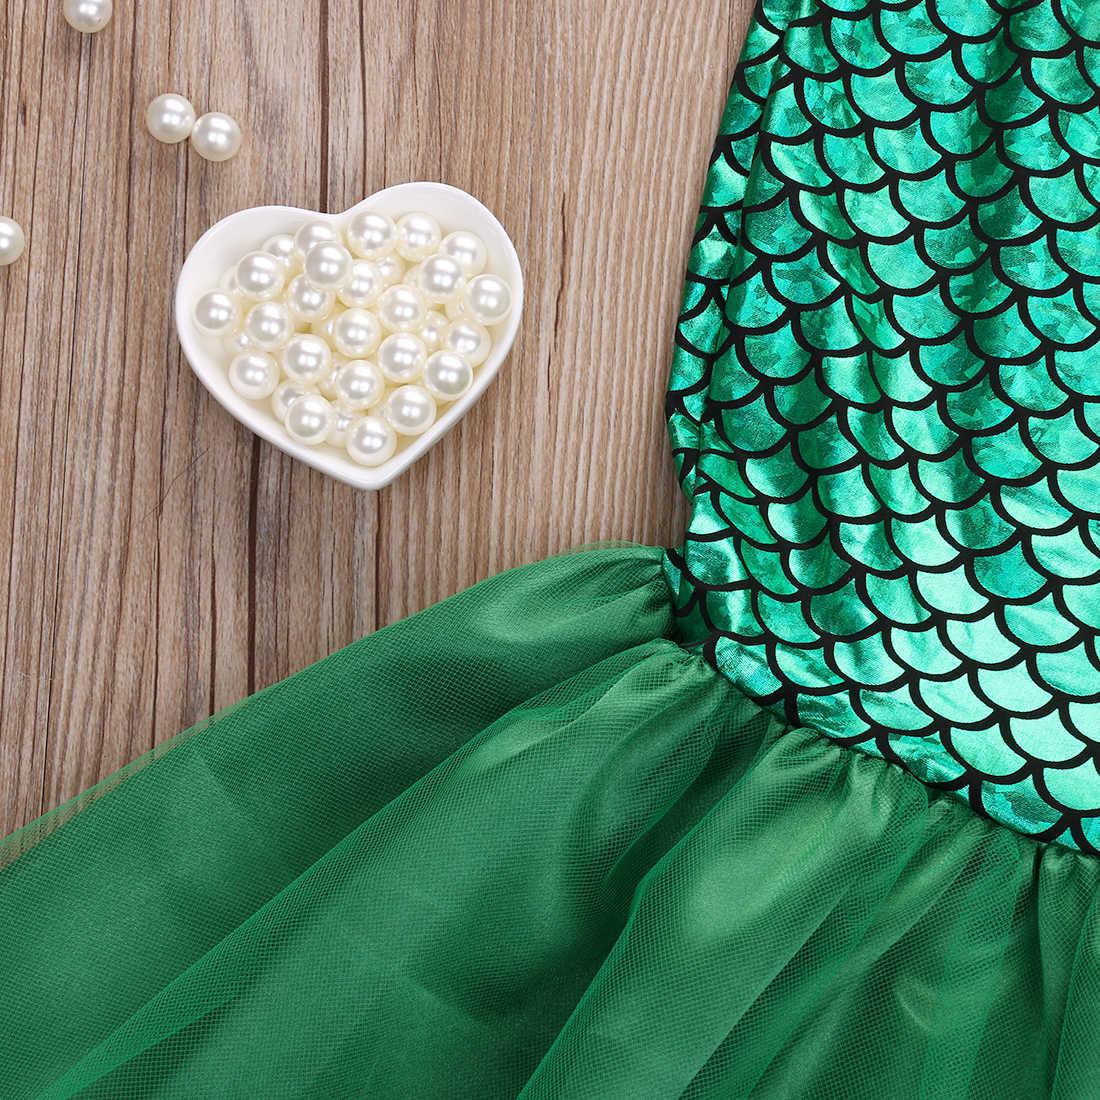 Del bambino Dei Capretti Delle Ragazze Della Sirena Bikini Set Costumi Da Bagno Costume Da Bagno Costume Da Bagno Costume adorabile Mermaid Infantile Del Capretto Del Bambino Vestiti Della Ragazza Set